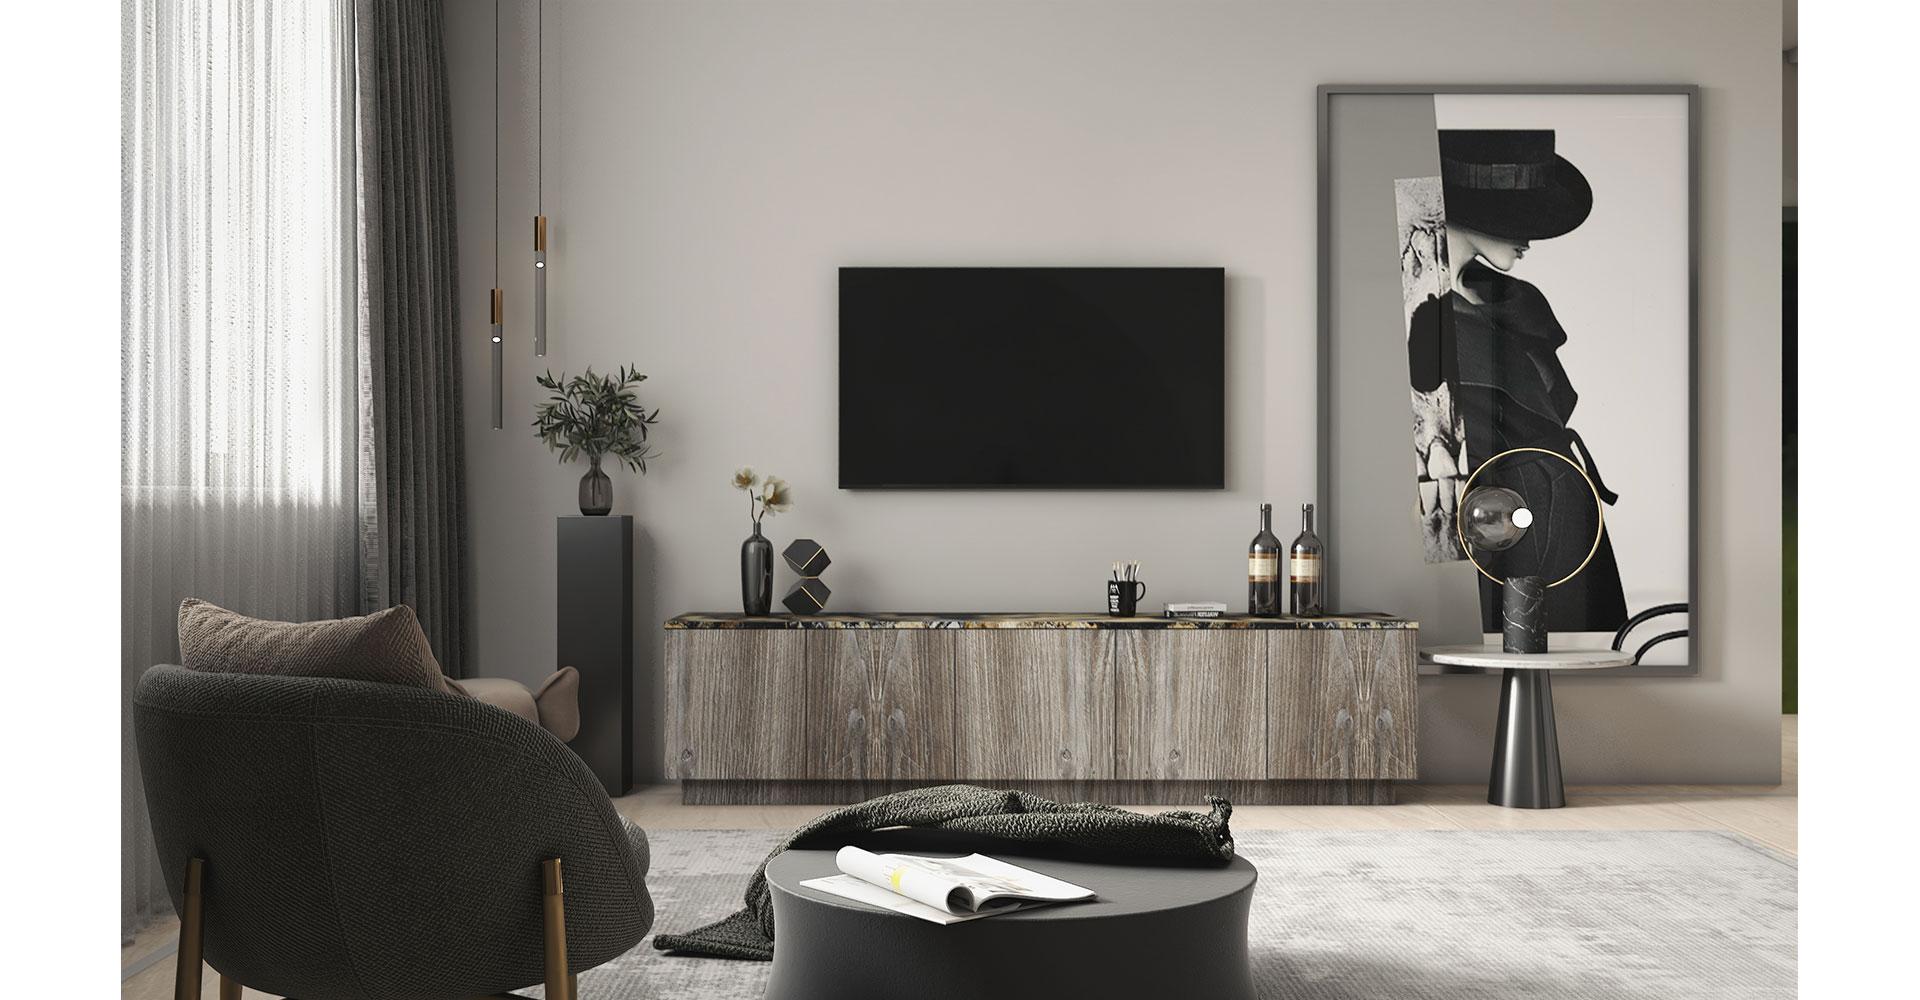 Pretty and minimal media unit design